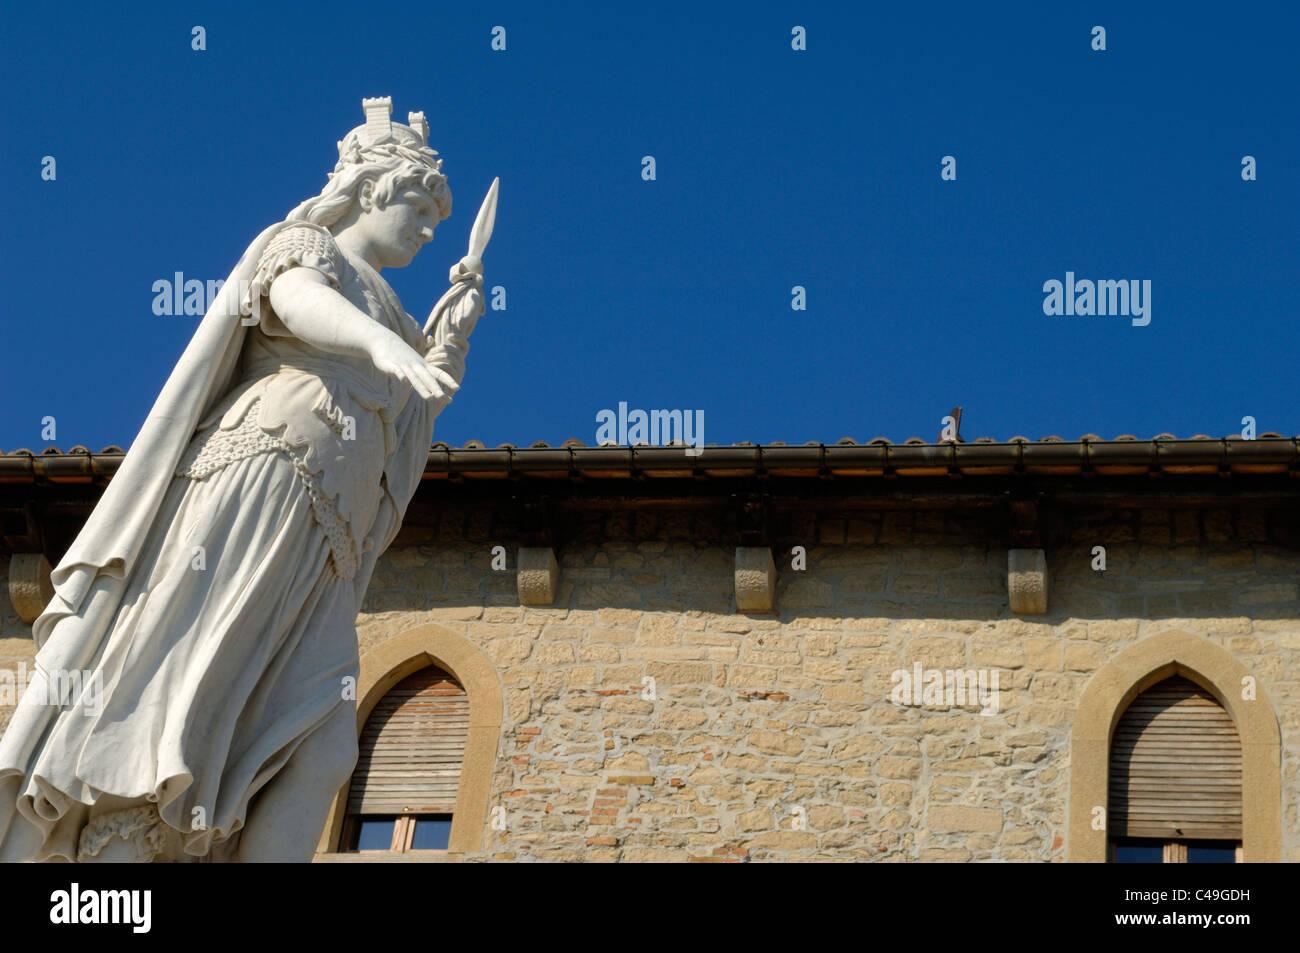 The Liberty Statue in Piazza Liberta in San Marino - Stock Image